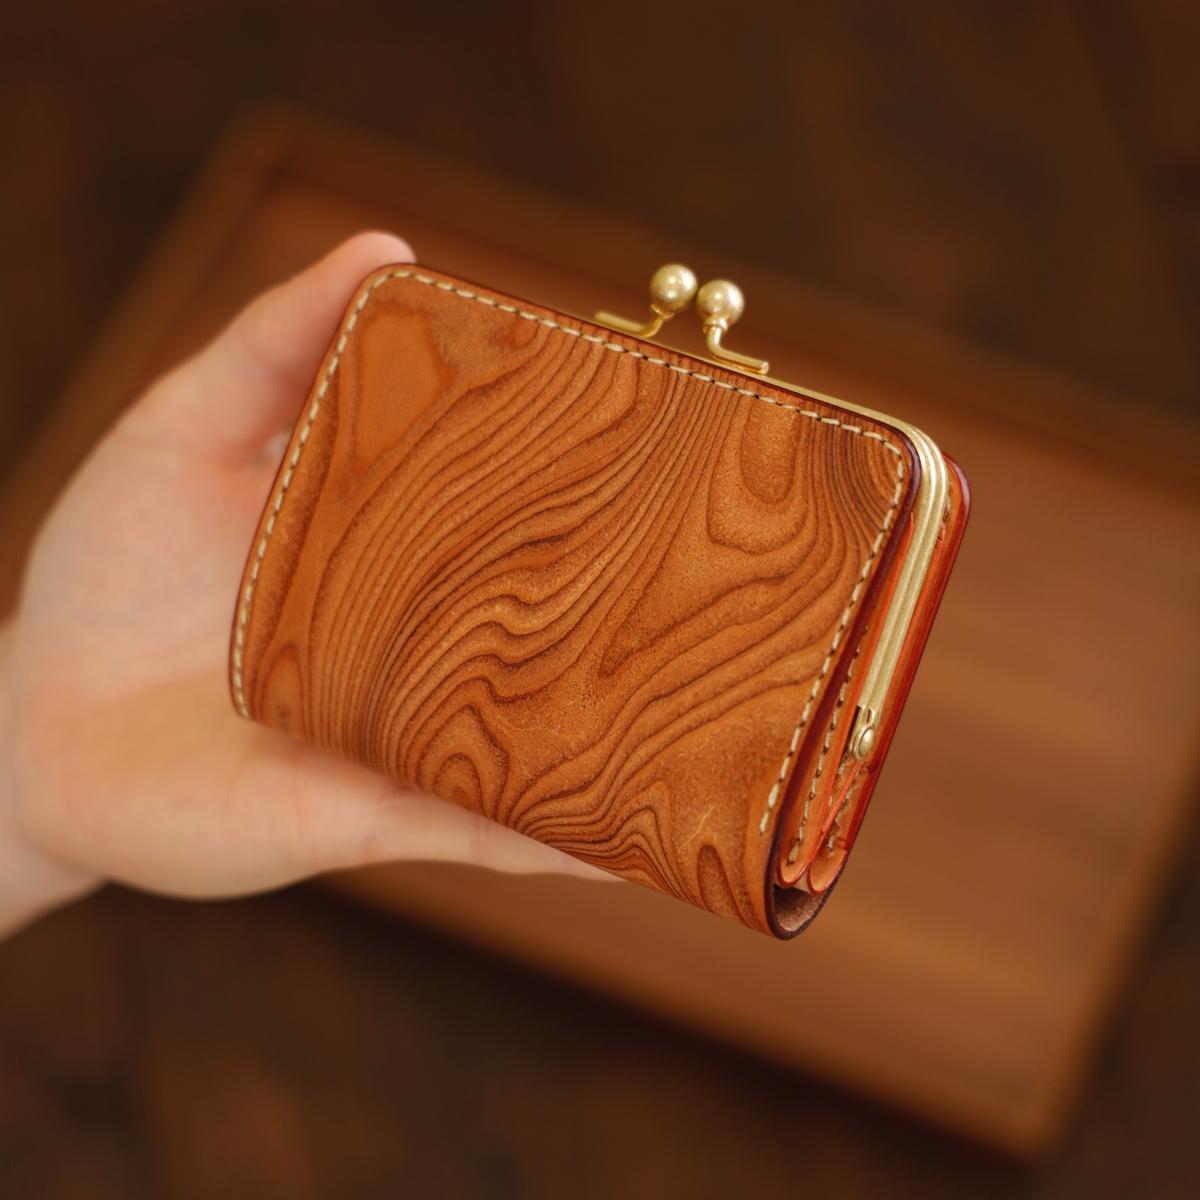 【限定品】小さいがま口財布 / Wood pattern Beige